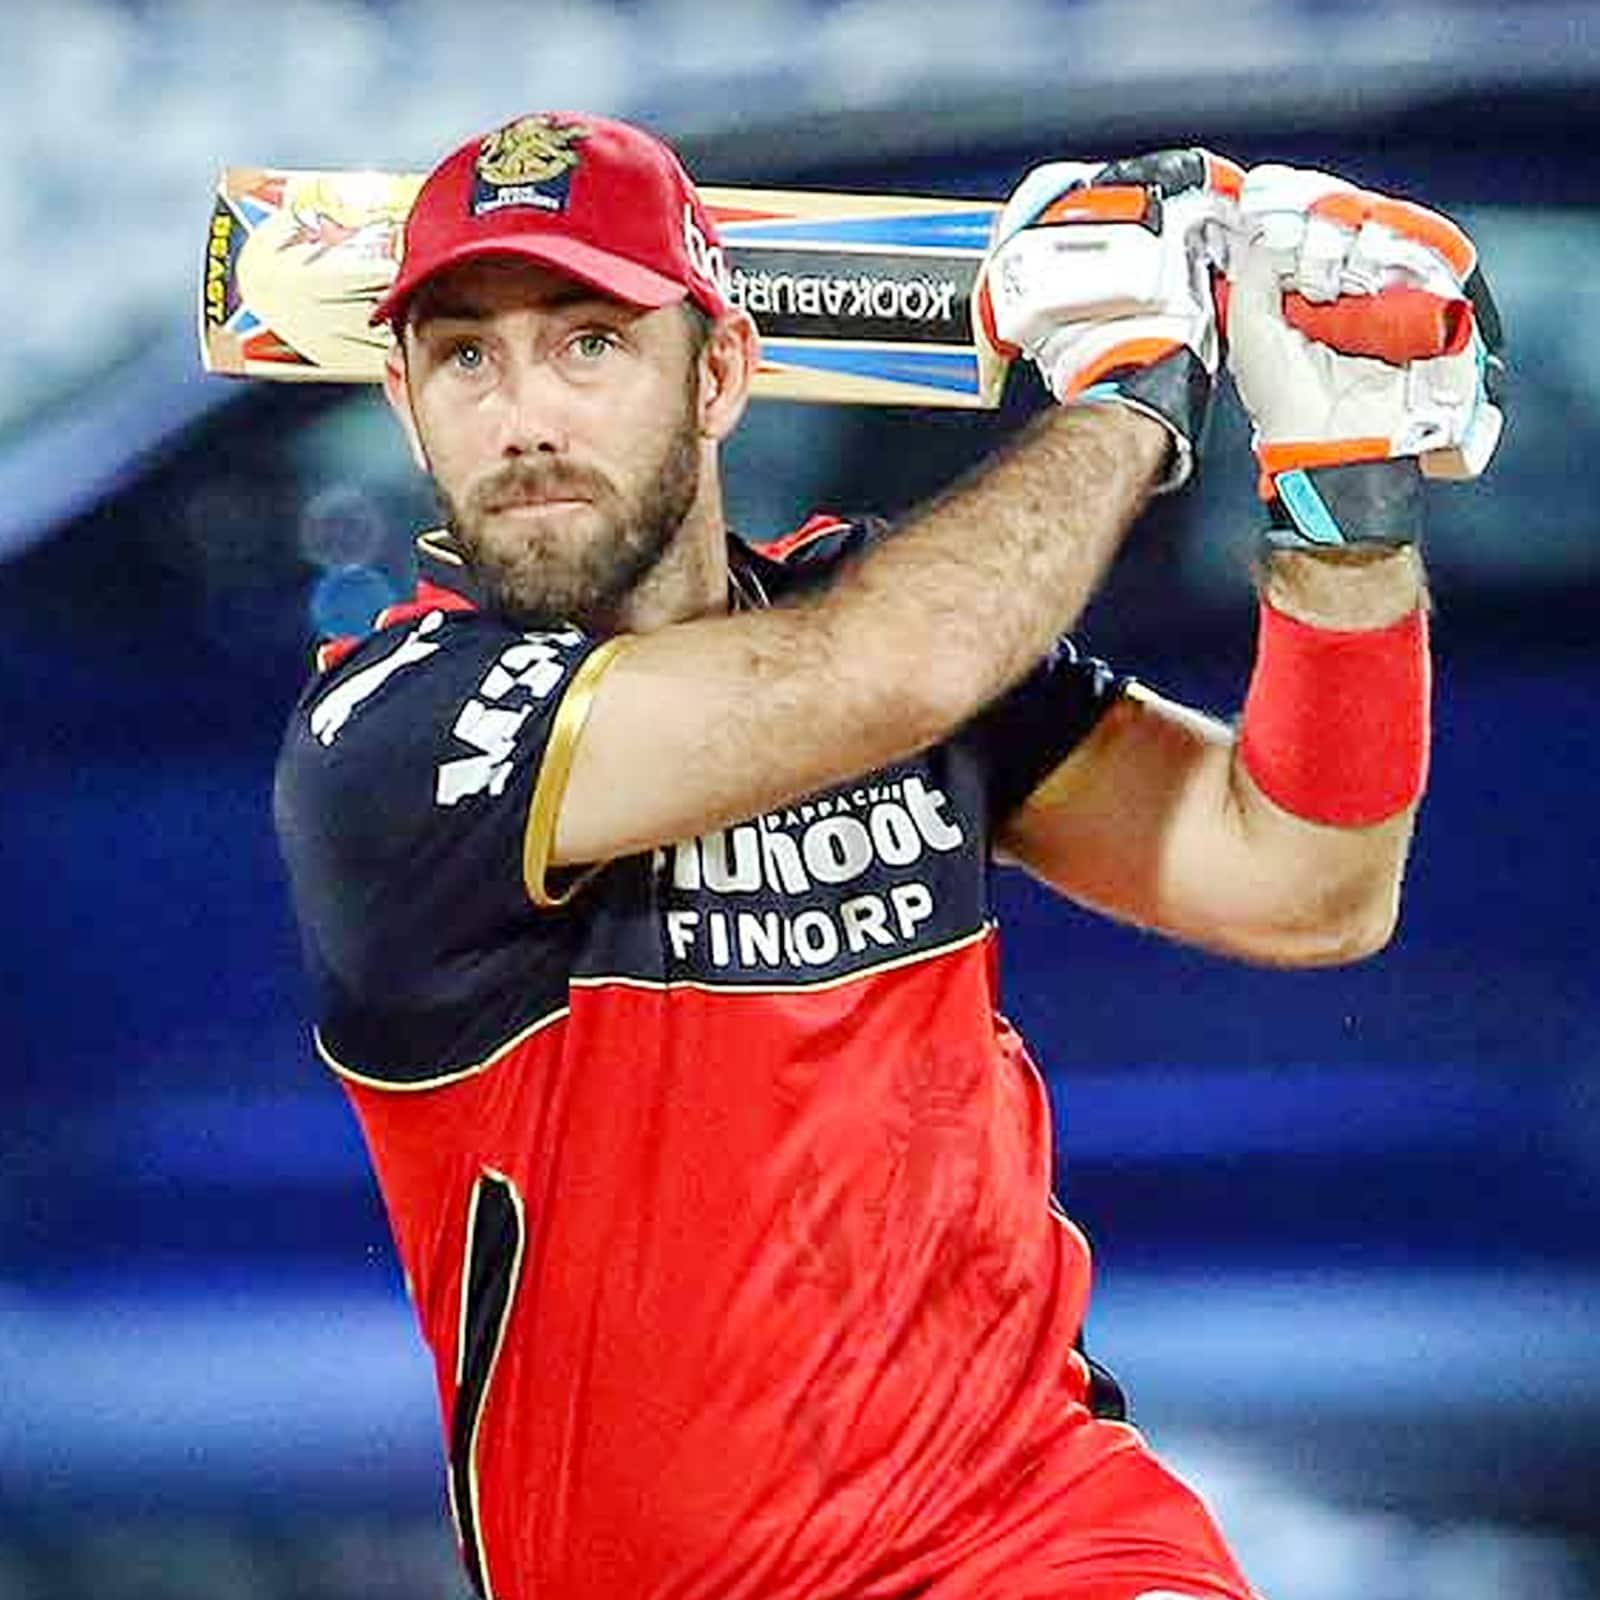 मैक्सवेल ने माइक हेसन की बातों को सच साबित कर दिया. इस बल्लेबाज ने आईपीएल 2021 में 14 मैचों में 45 की औसत से 498 रन बनाए हैं. मैक्सवेल ने इस सीजन में छह अर्धशतक जड़ा है. बता दें कि मैक्सवेल ने आईपीएल डेब्यू साल 2012 में किया था और इस सीजन के पहले तक सिर्फ छह ही अर्धशतक जड़ा था. (PTI)